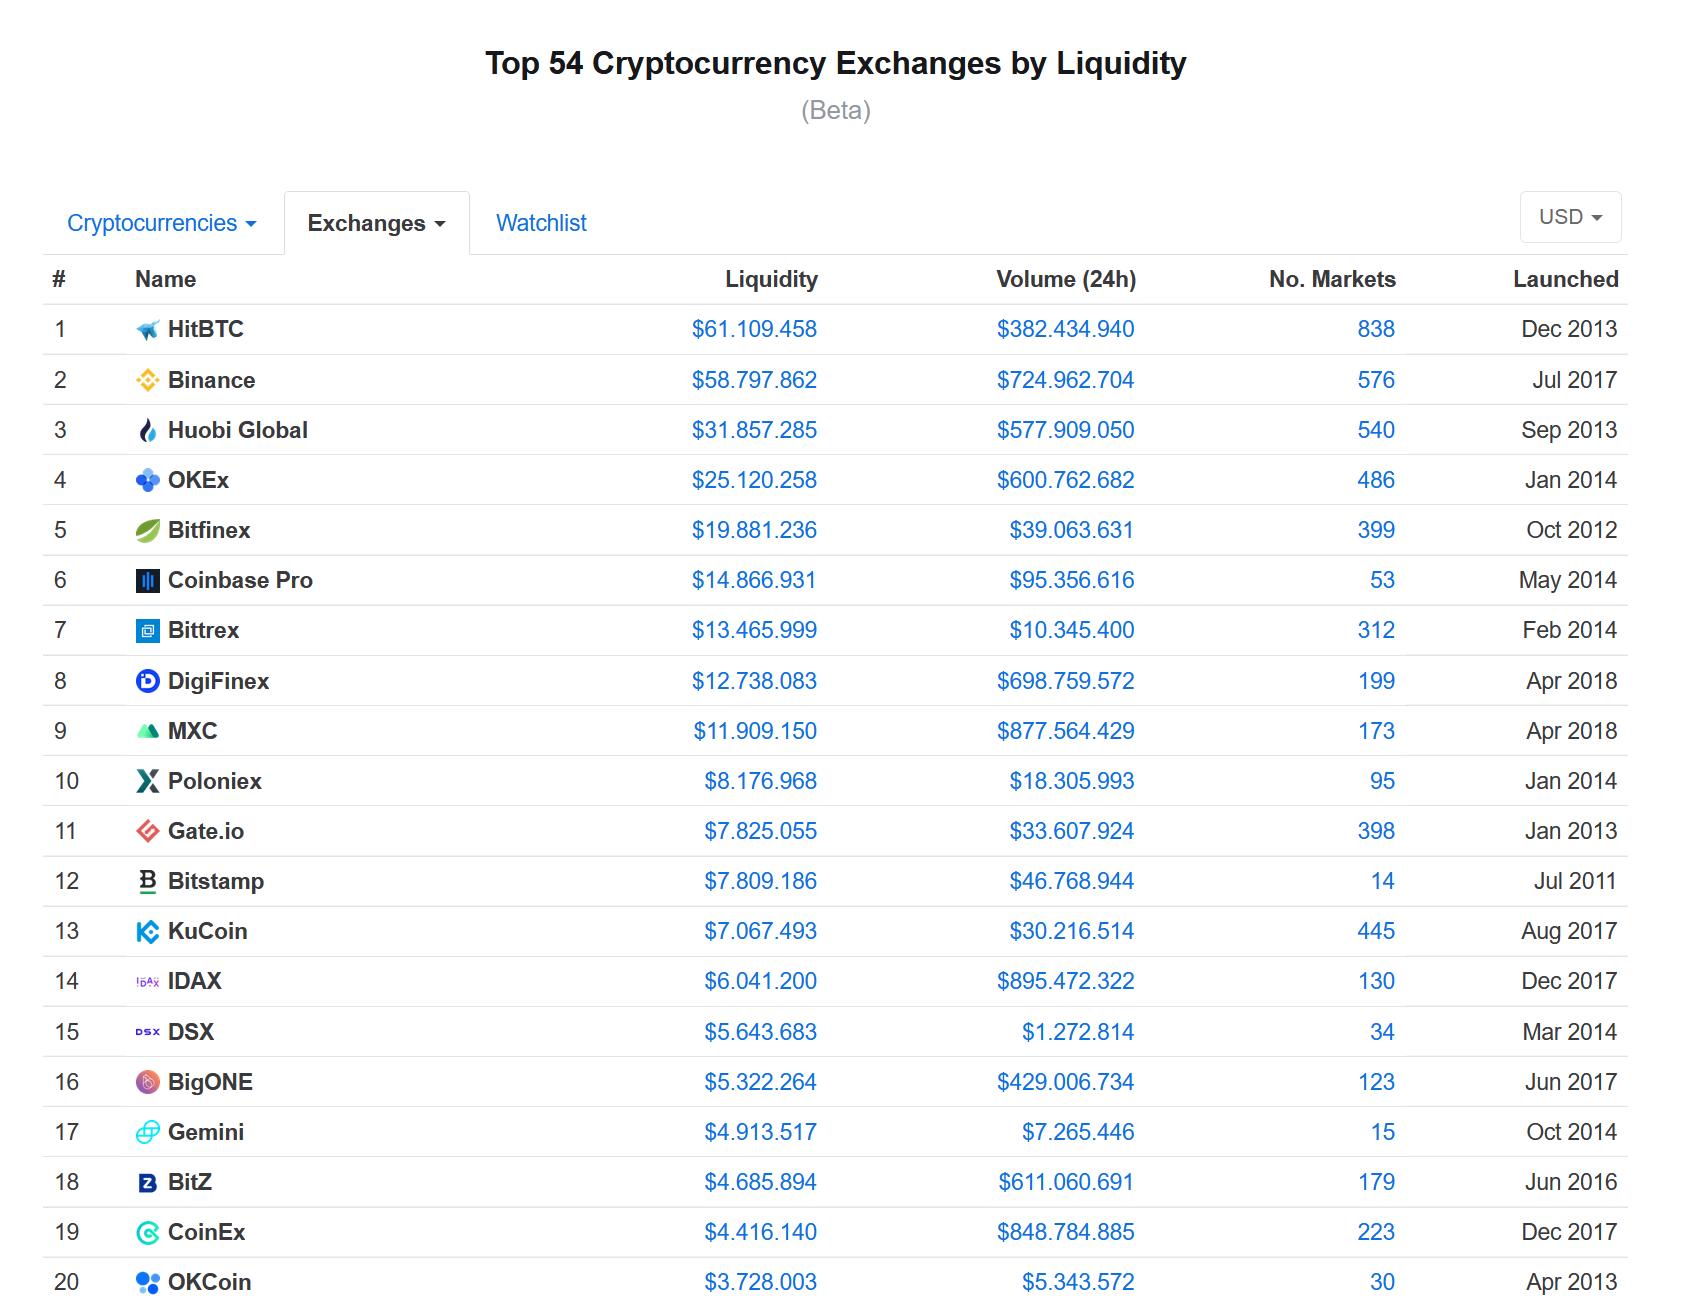 Neues Liquiditätsranking von Coinmarketcap im Beta Stadium